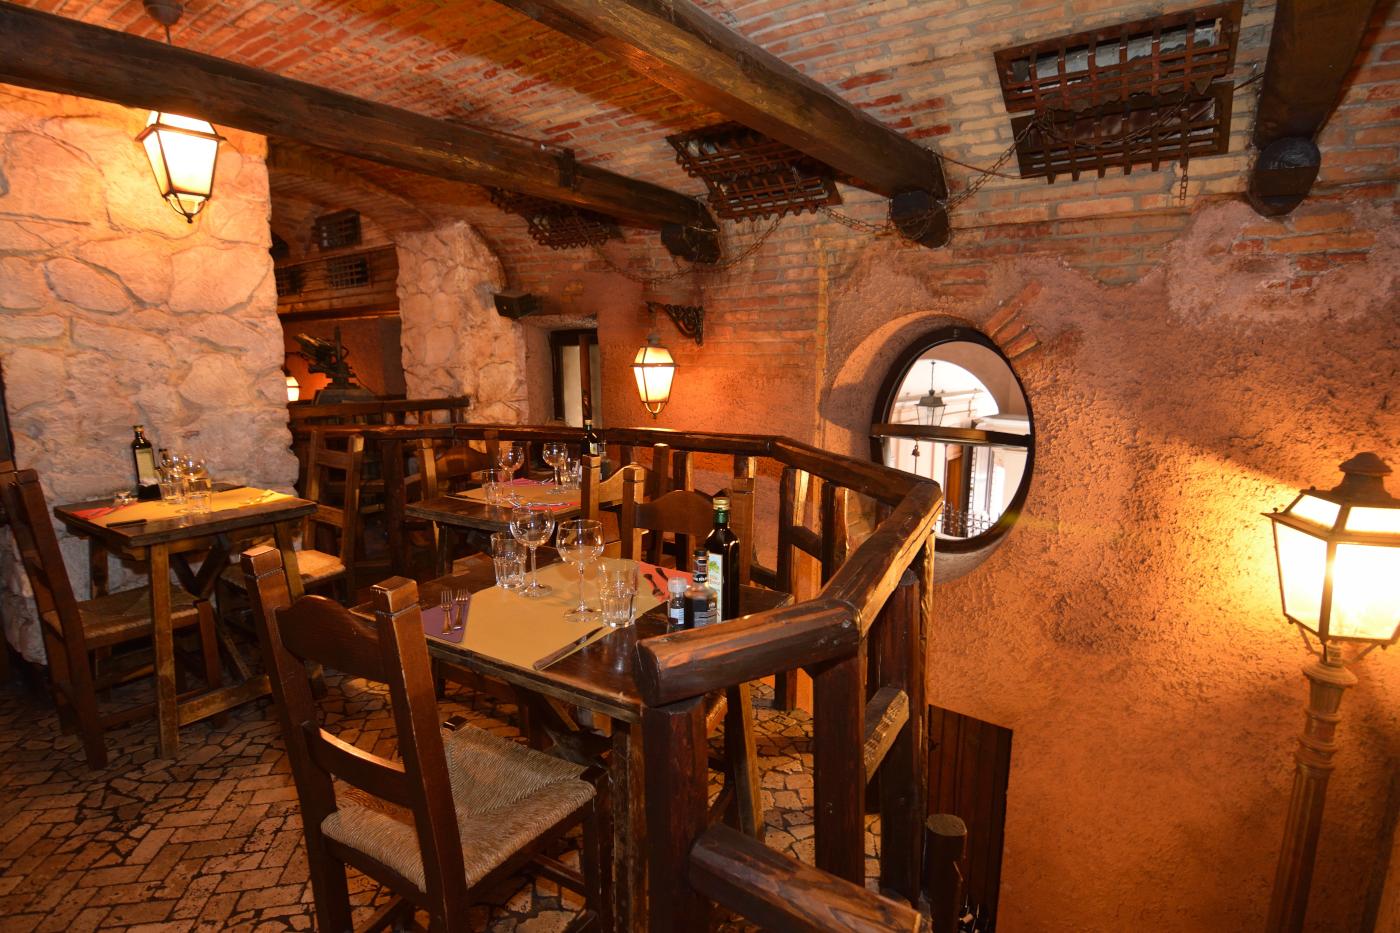 Cucina tipica romana roma centro for Cucina tipica romana